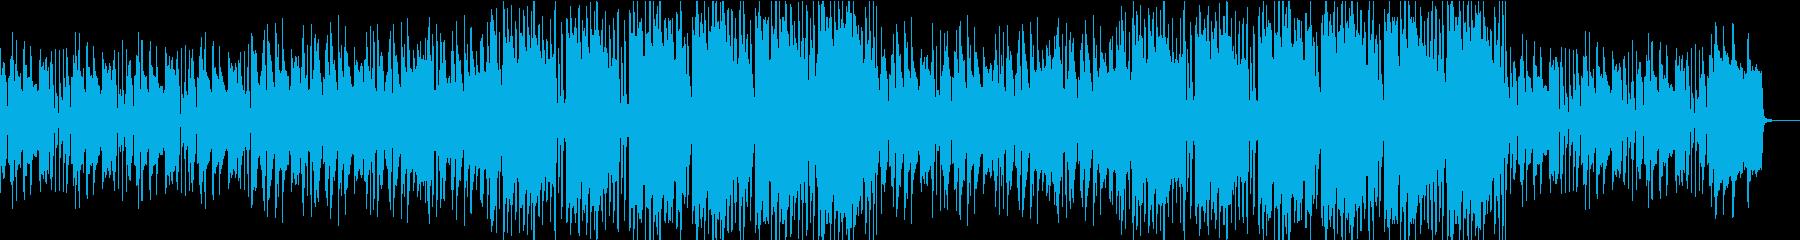 サックスが渋いビッグバンドジャズの再生済みの波形